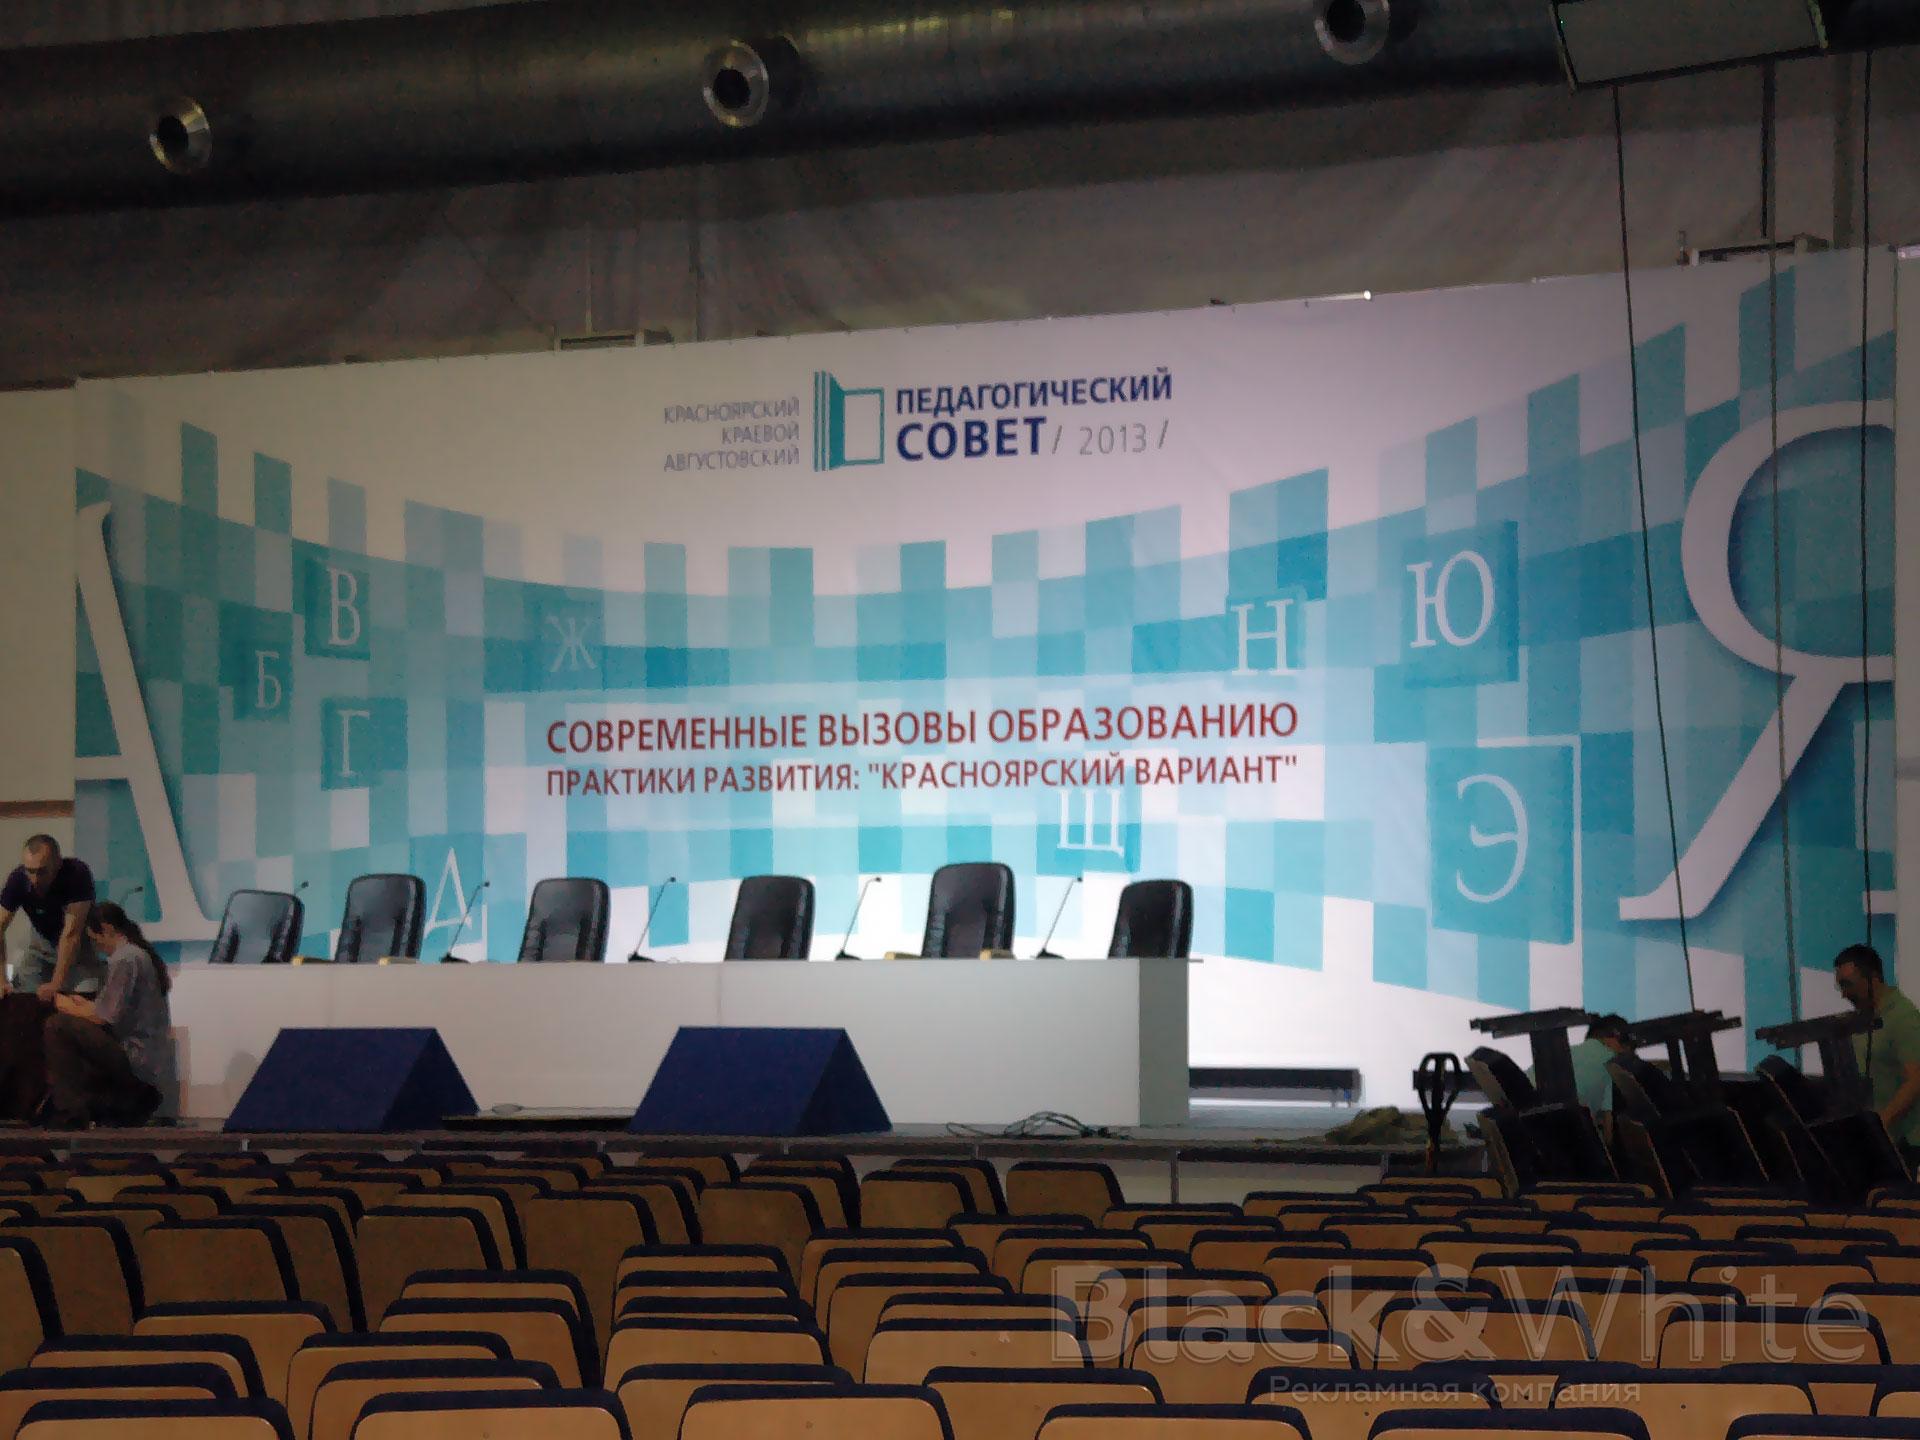 Печать-на-баннере-на-конференцию-в-Красноярске..jpg